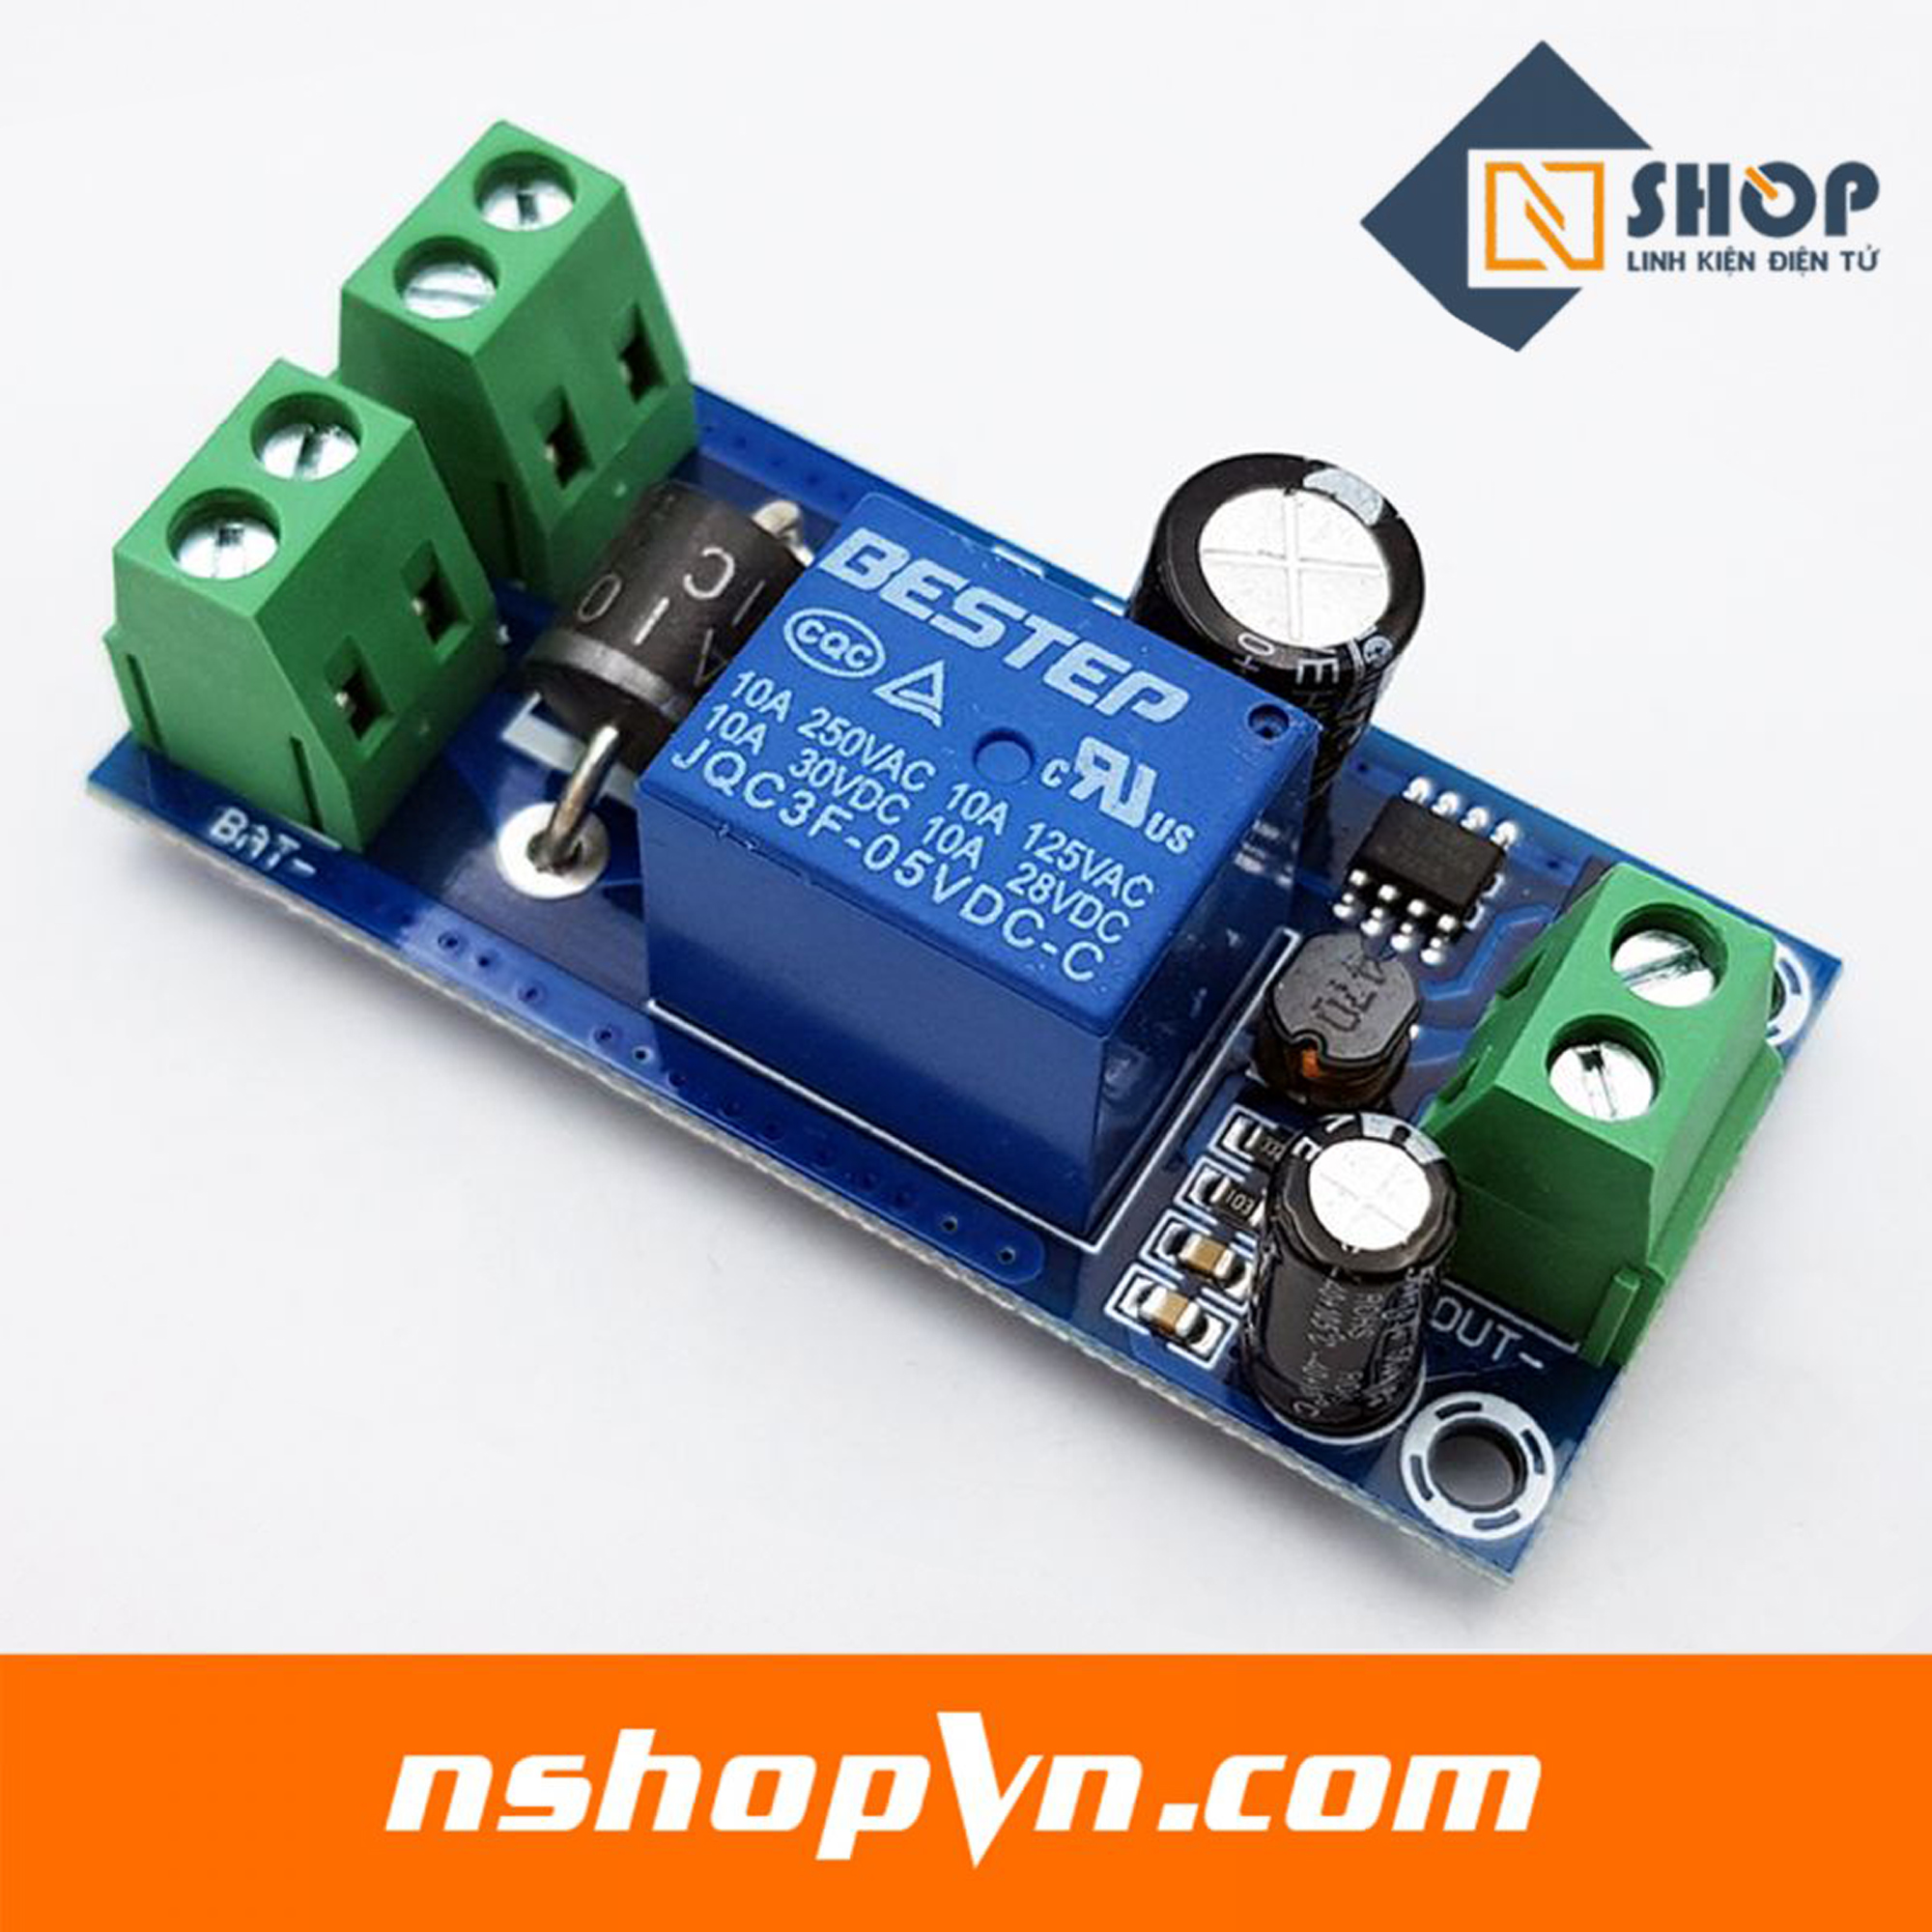 Module chuyển đổi nguồn dự phòng 5-48VDC - 4